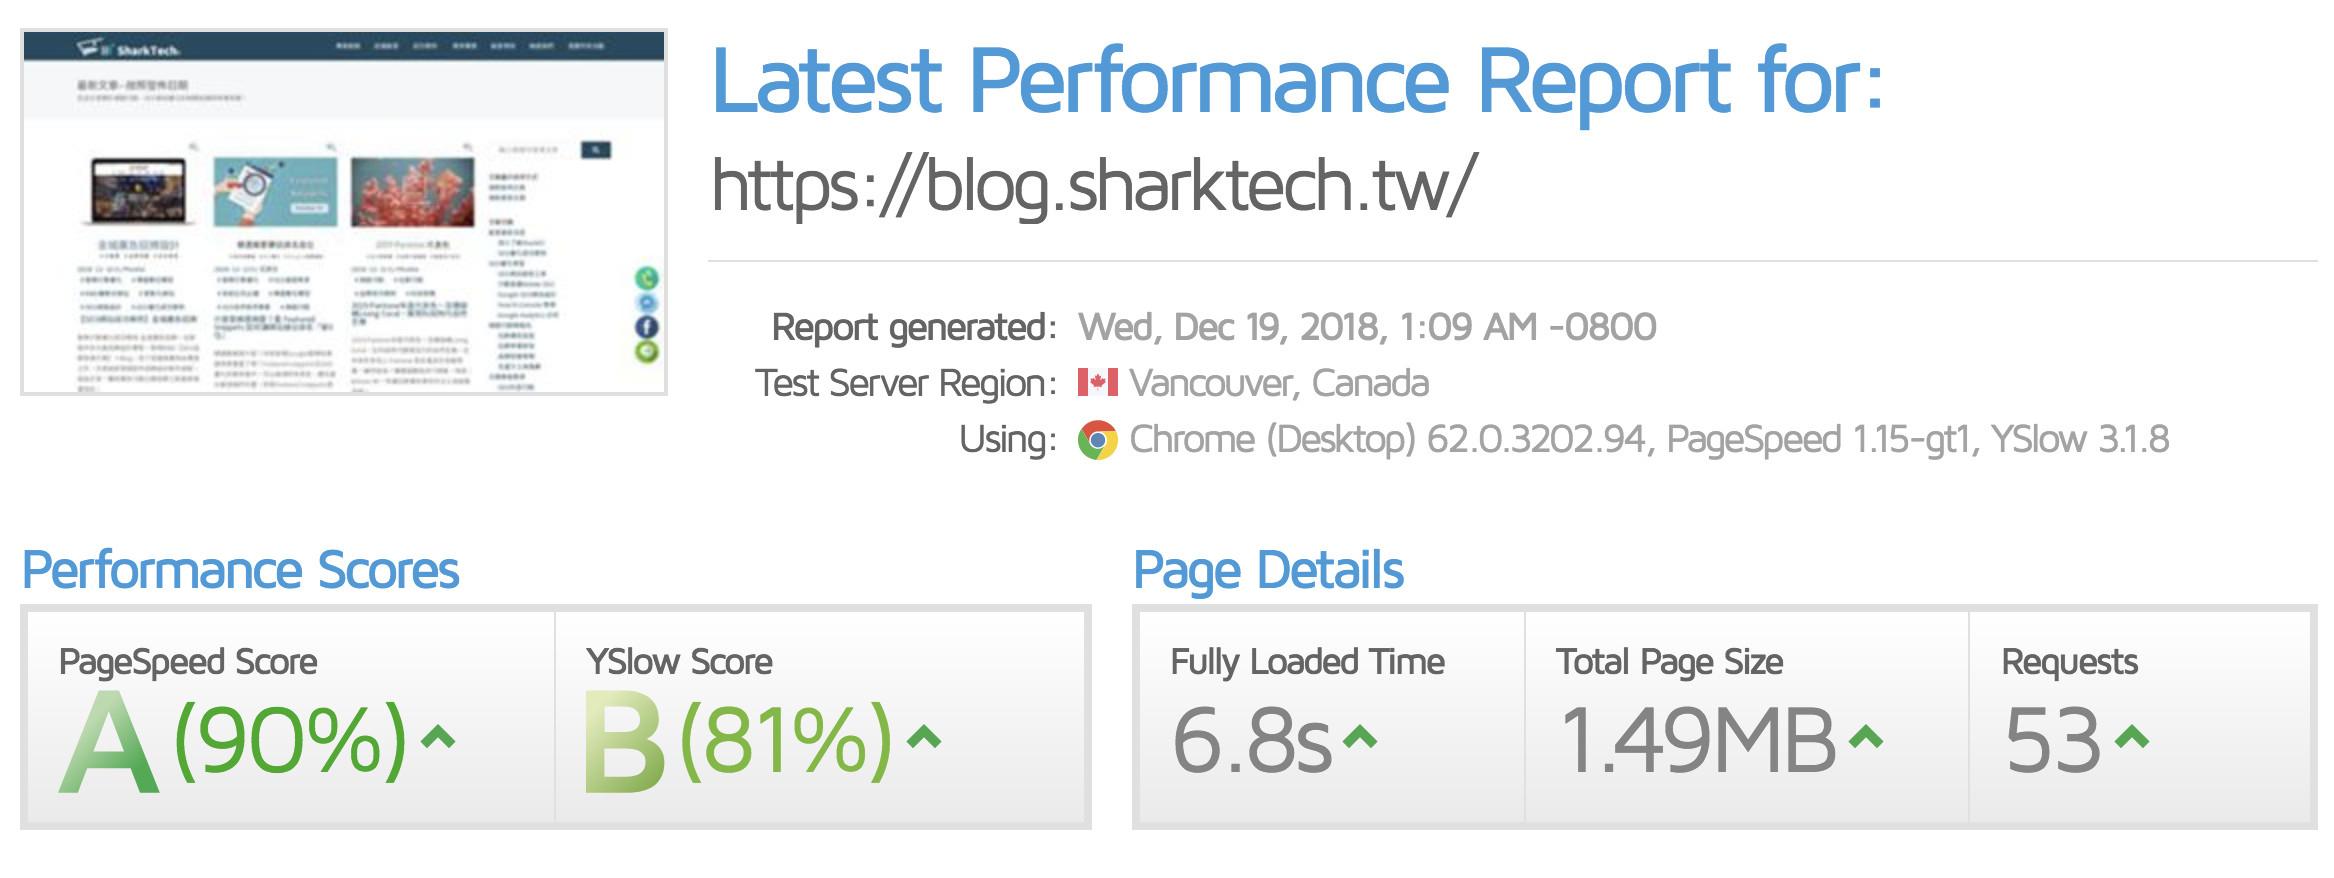 鯊客科技搜尋引擎優化-GTmetrix檢測網站速度截圖